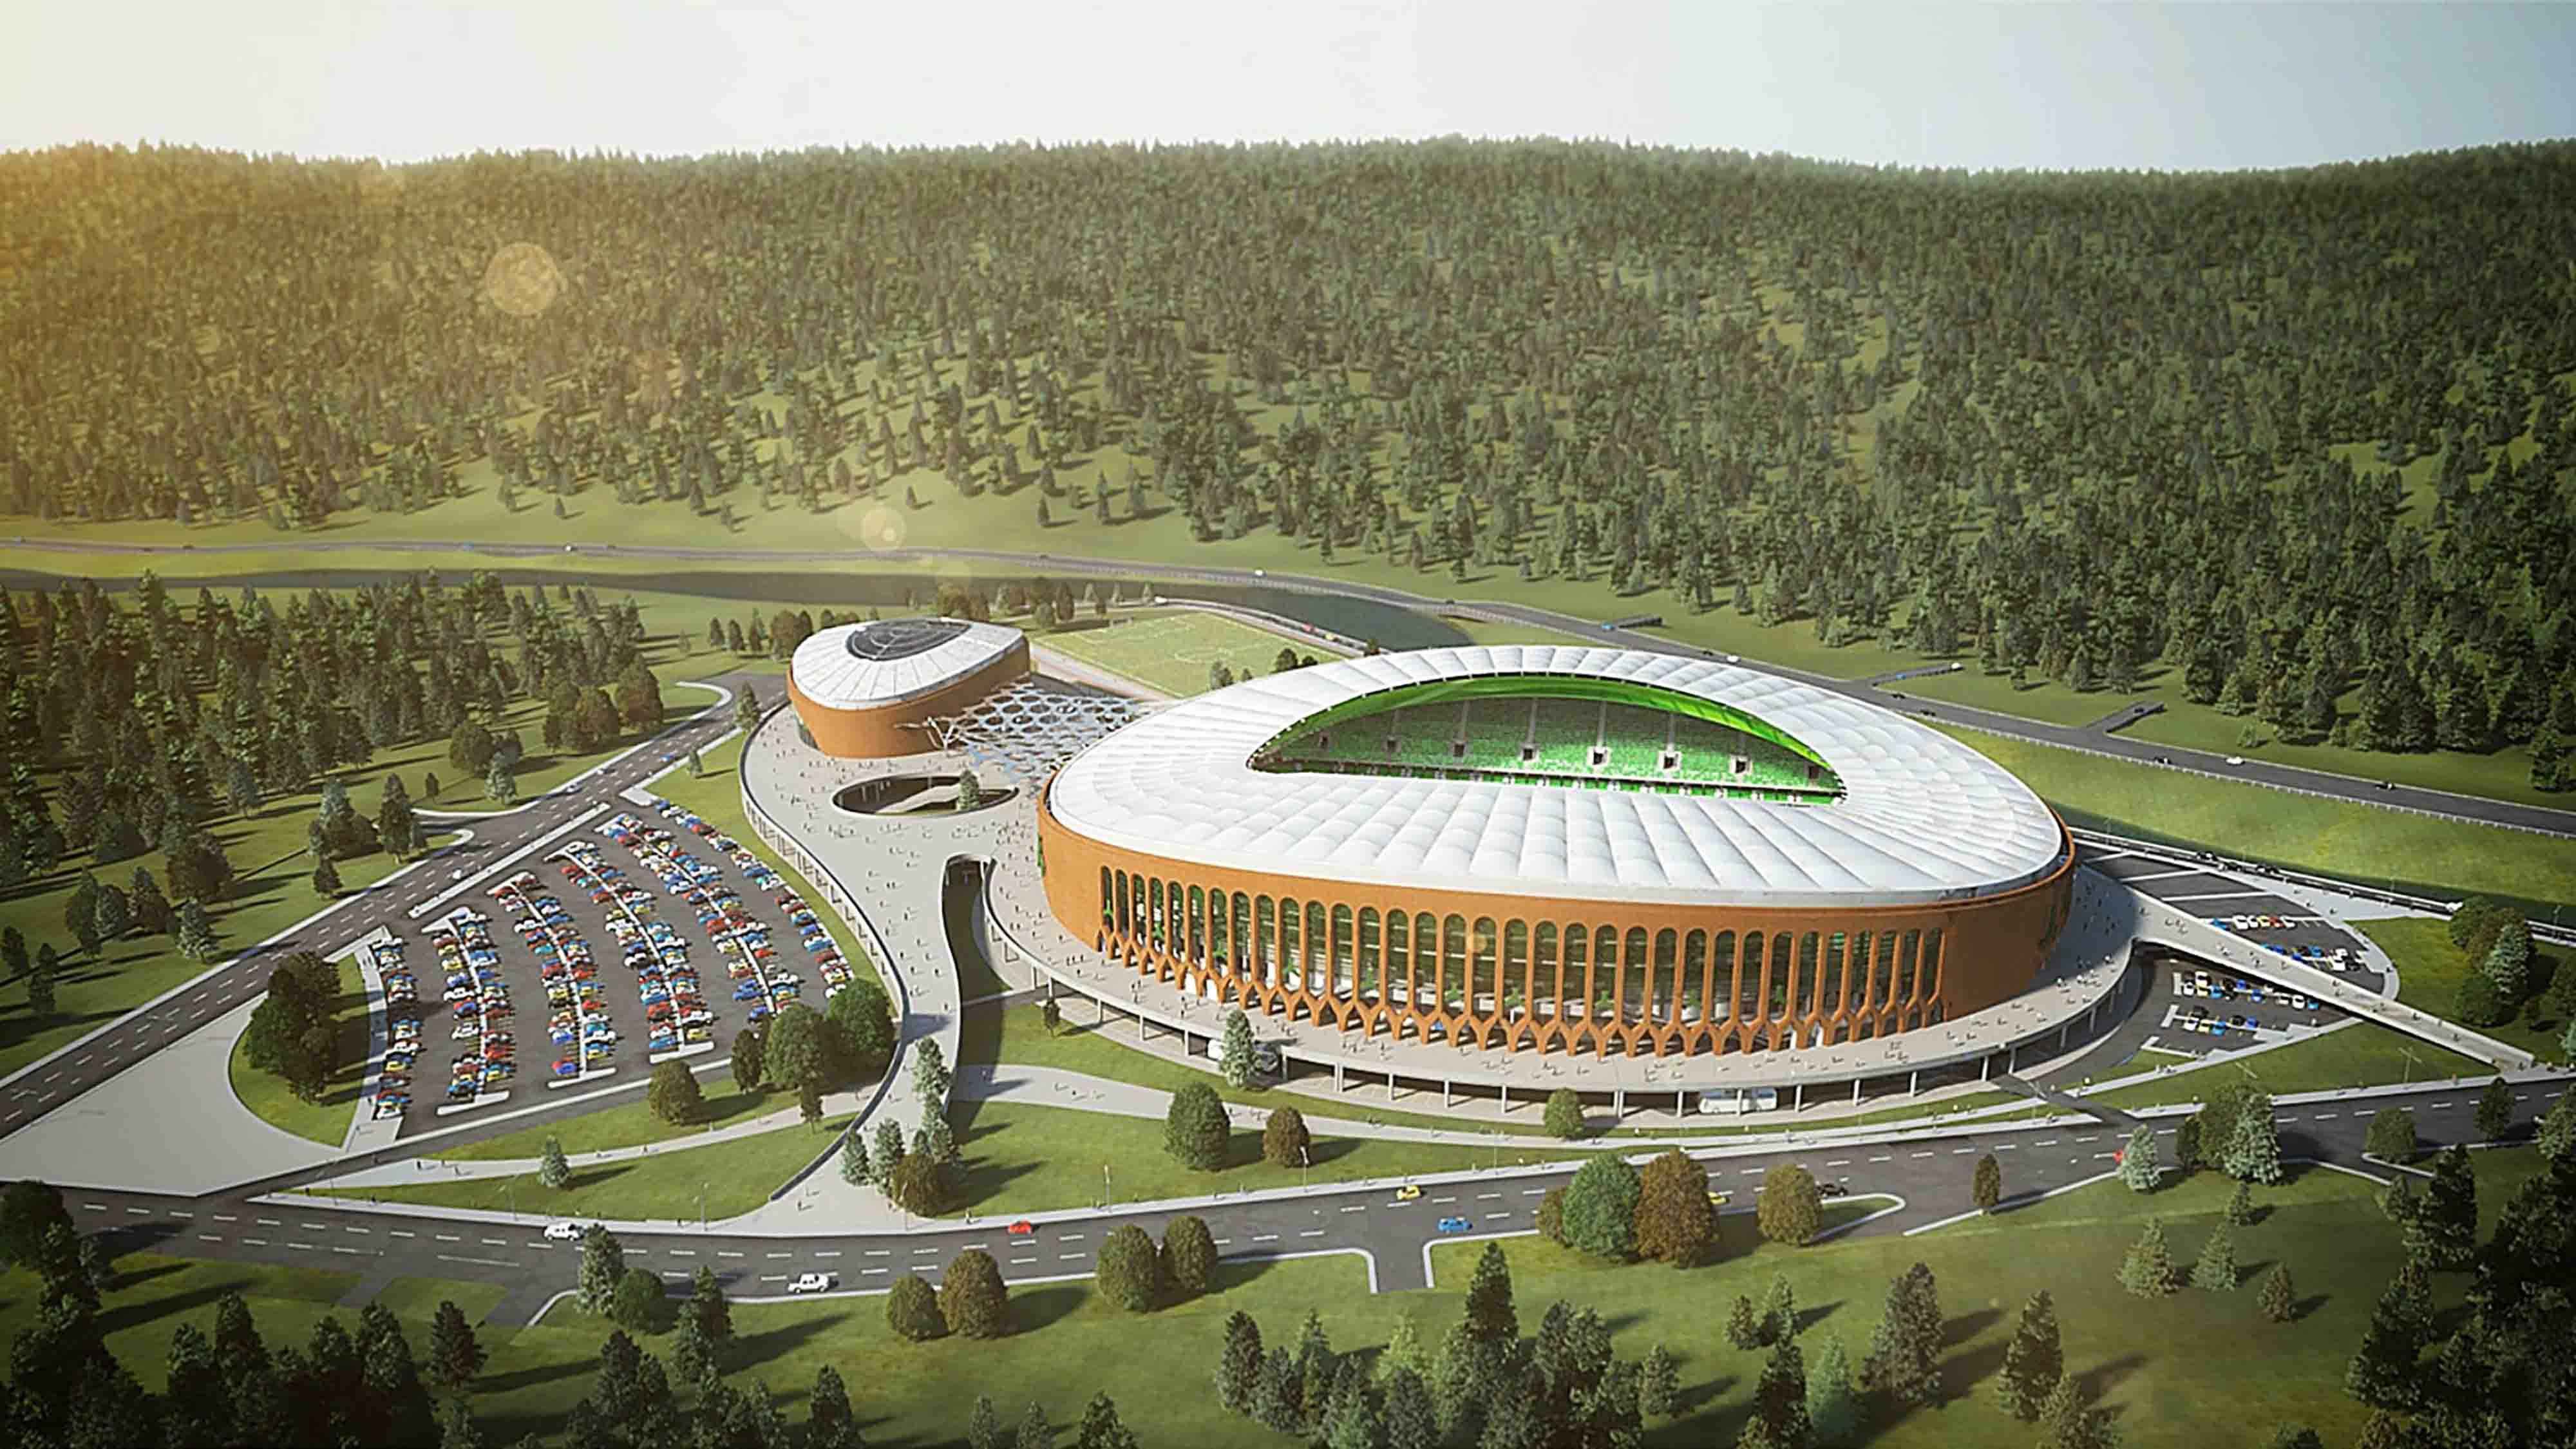 Fibrobeton Giresun Stadium